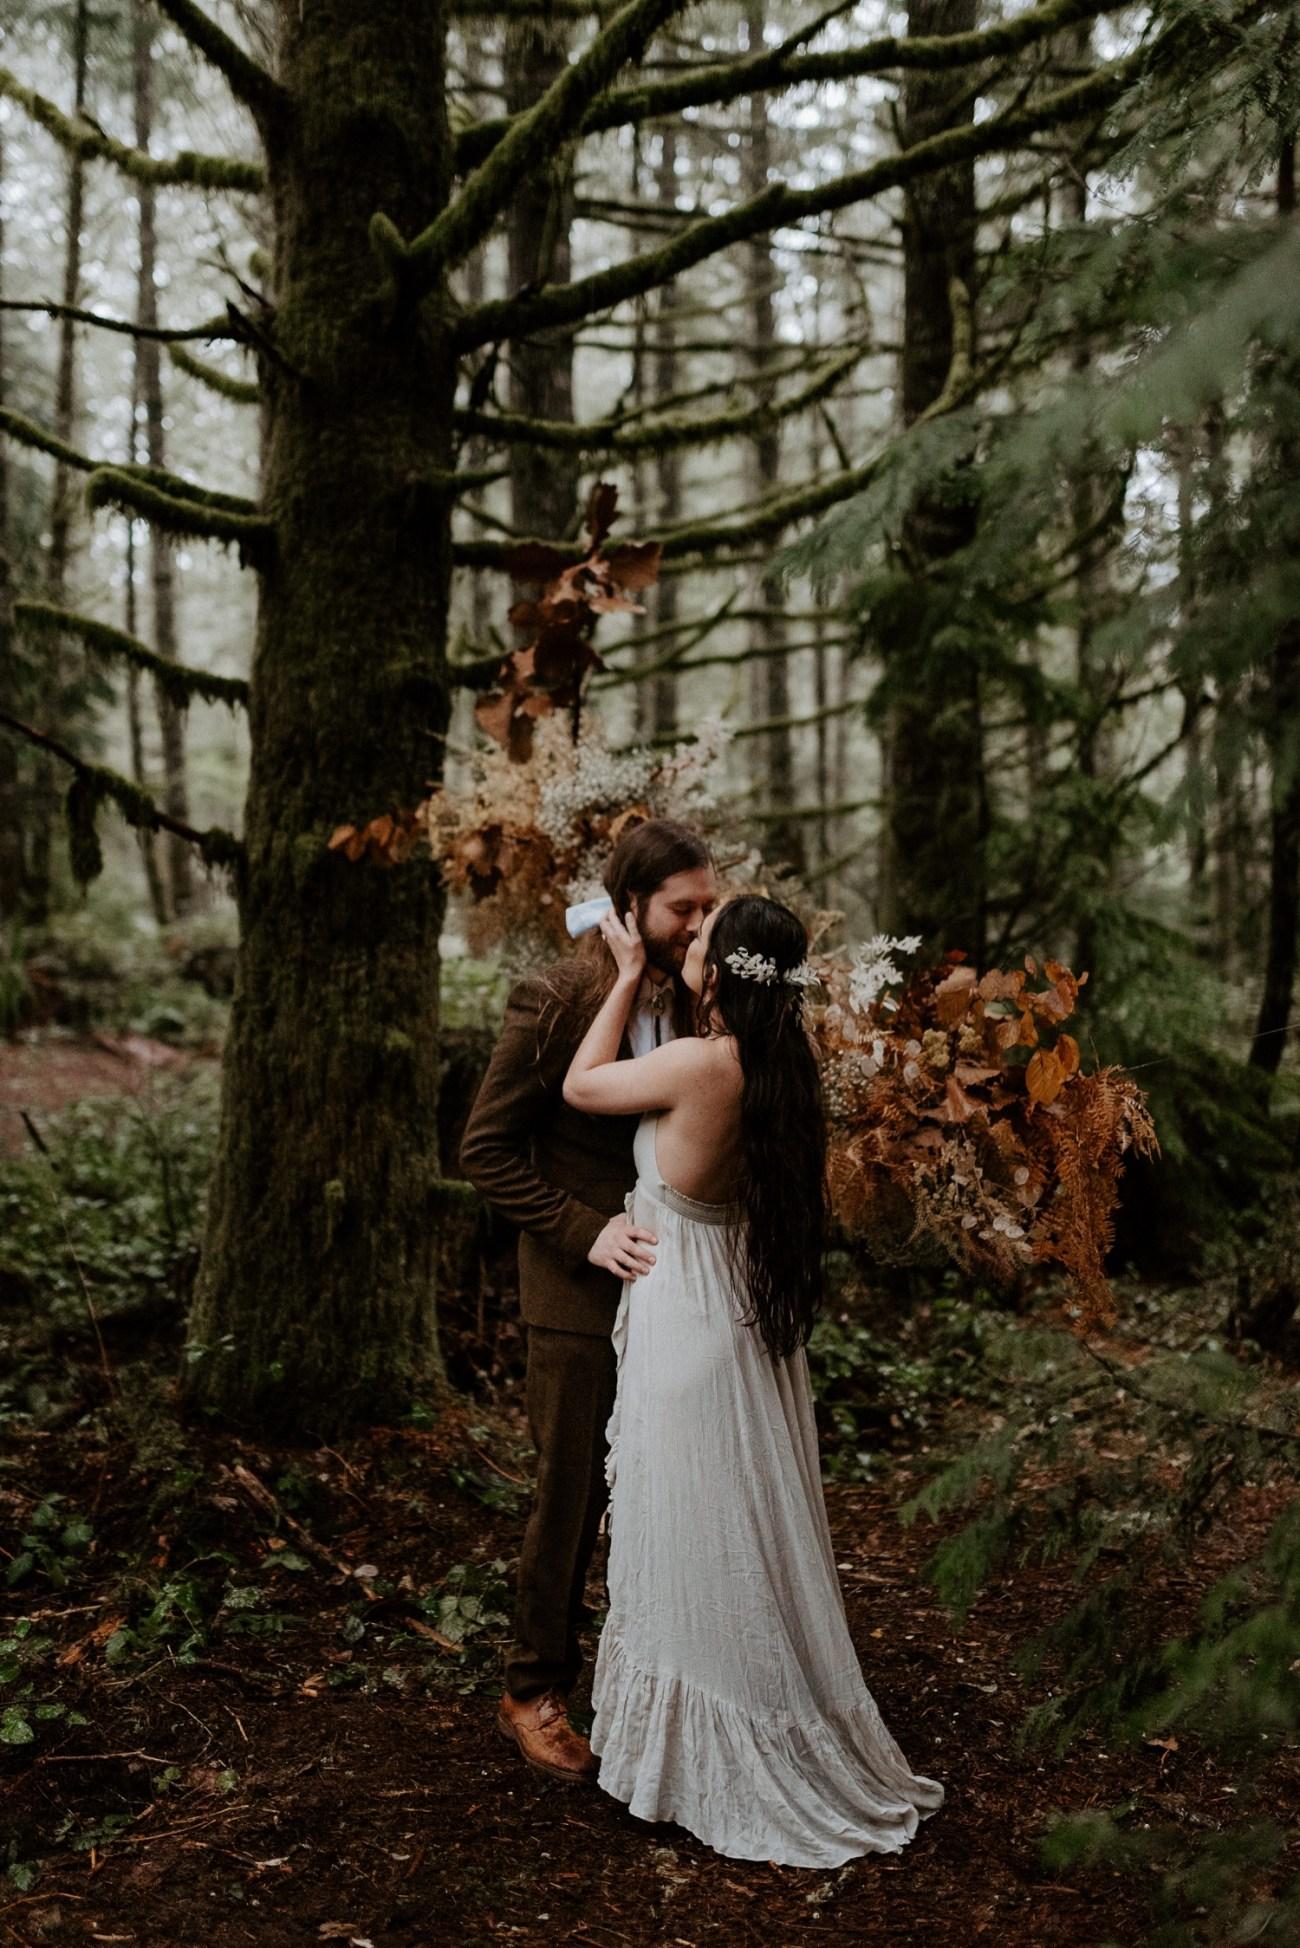 The Woodlands House Sandy Oregon Elopement Portland Elopement Photographer PNW Adventurous Elopement Anais Possamai Photography 018